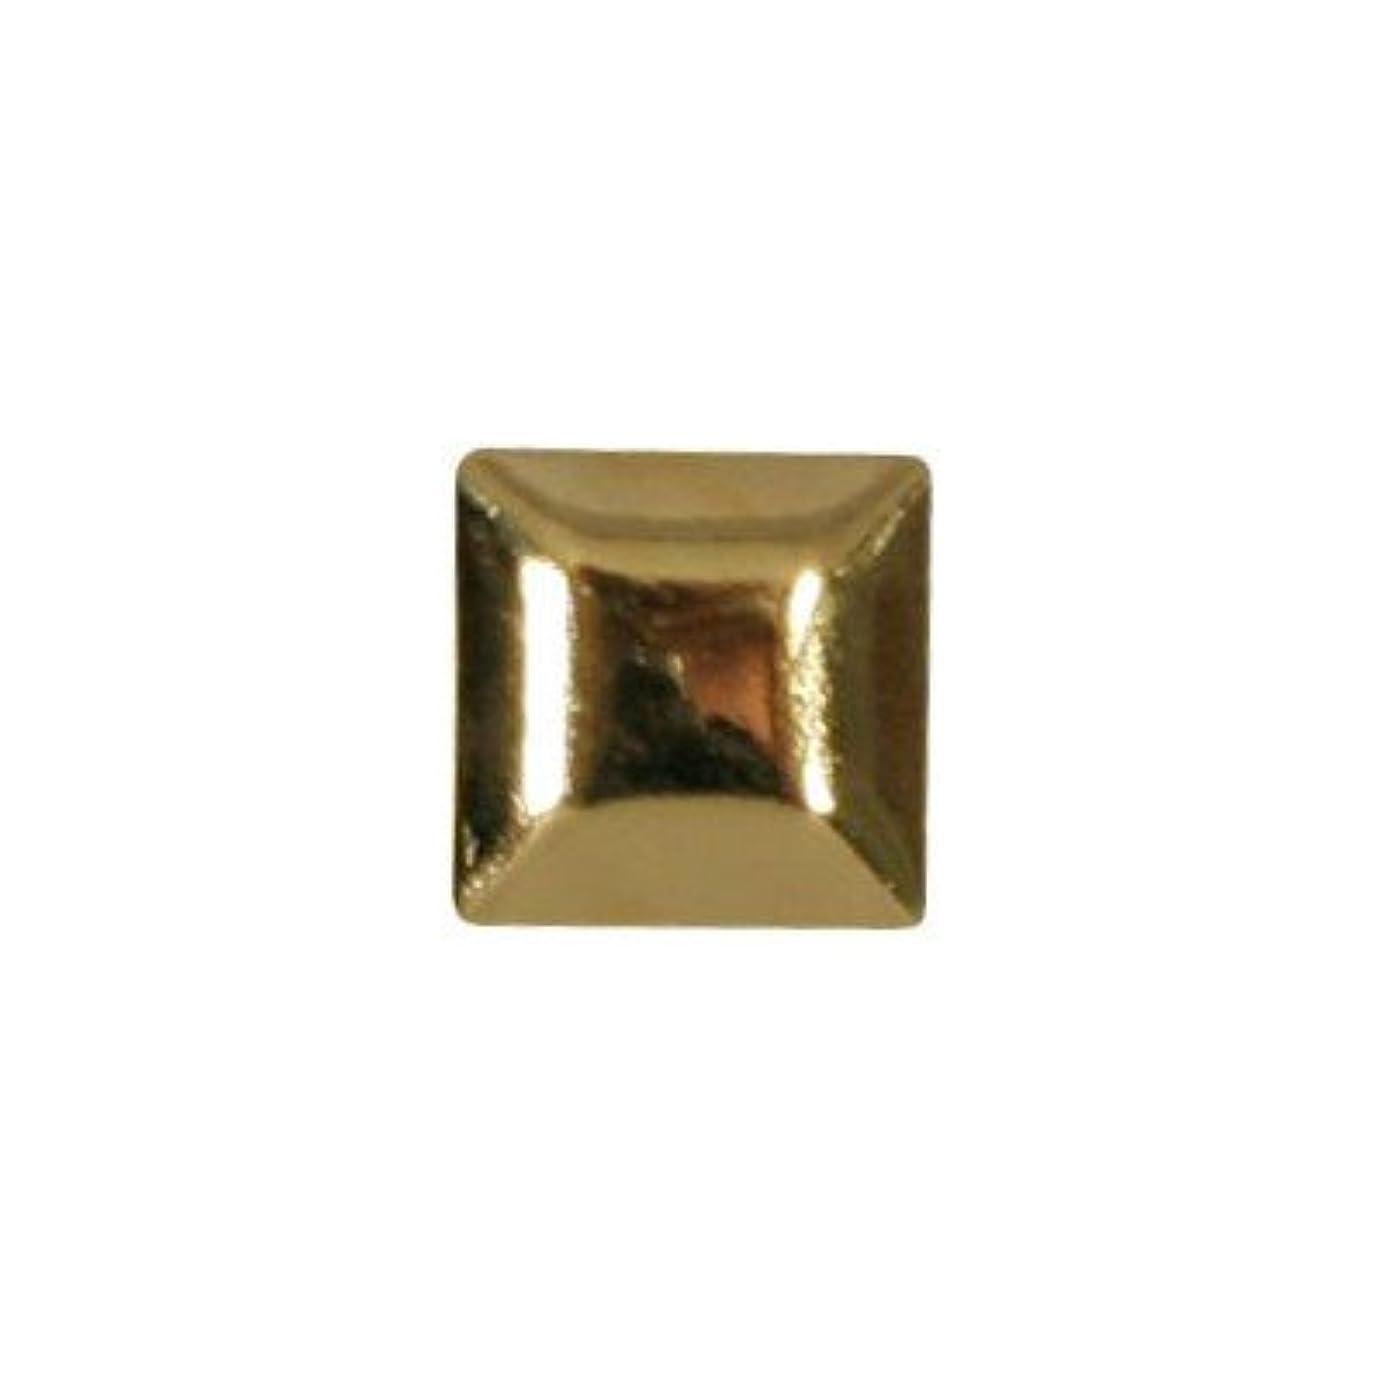 帰するメモアライメントピアドラ スタッズ メタルスクエア 4mm 30P ゴールド